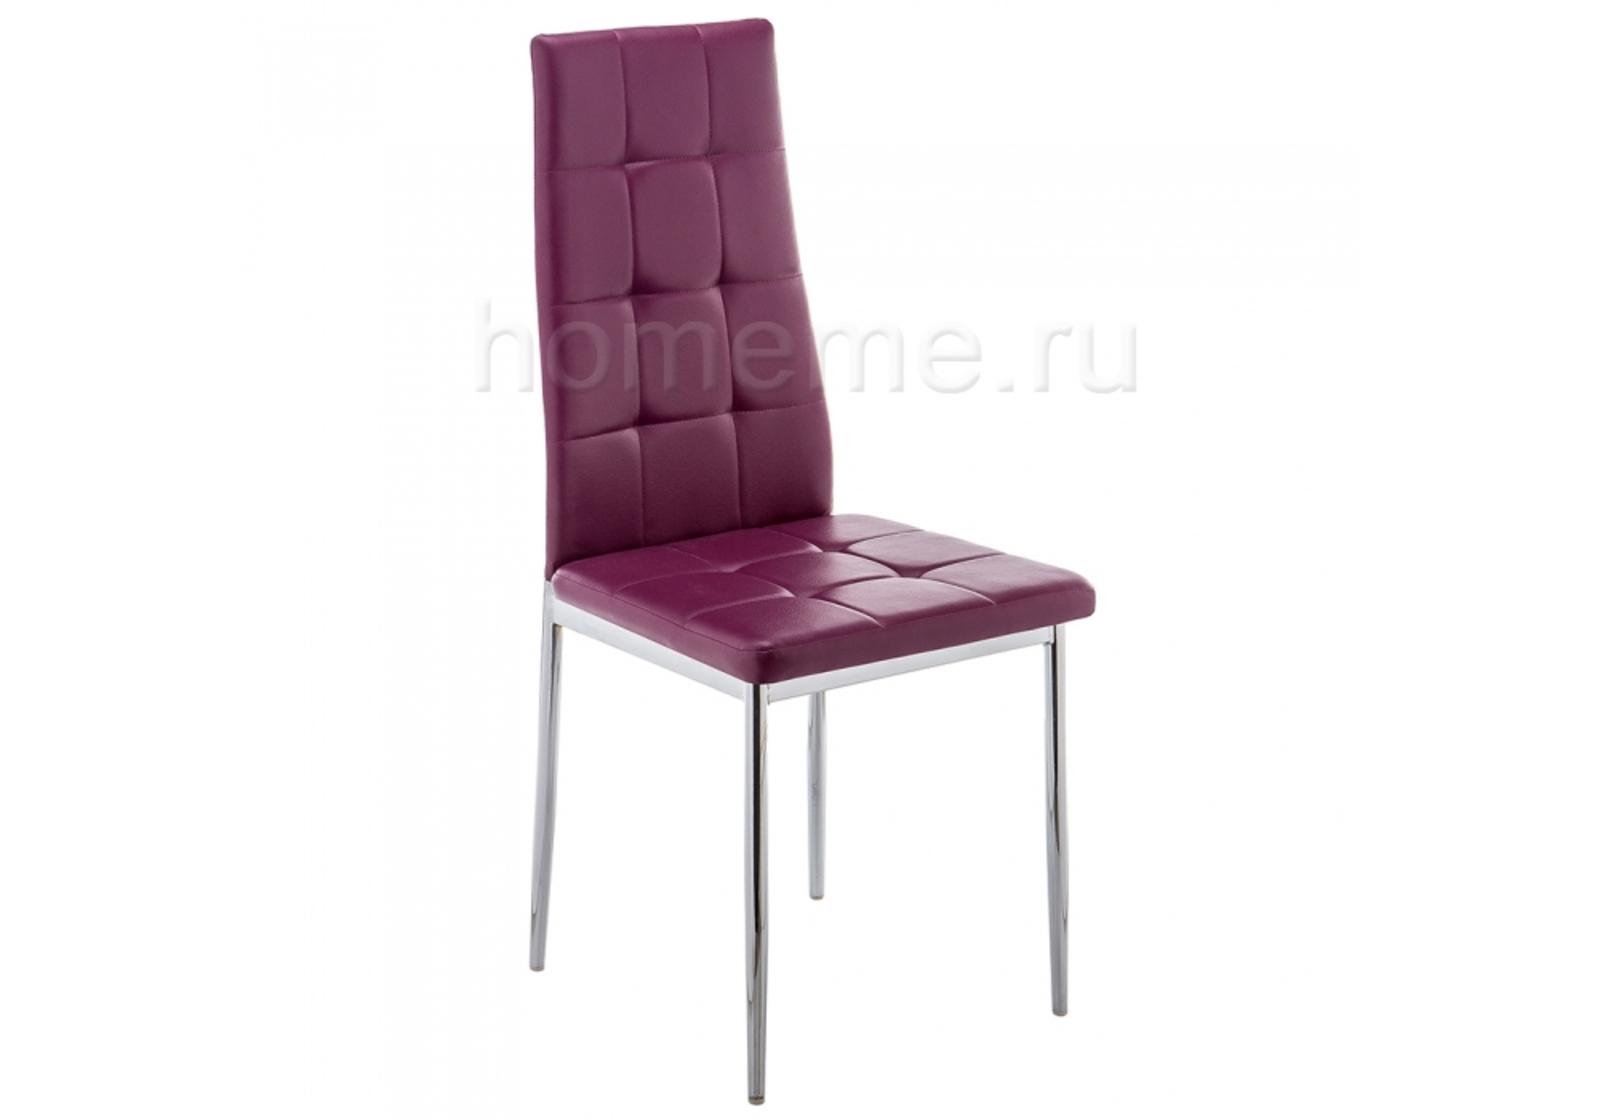 Стул HomeMe Forin фиолетовый 11081 от Homeme.ru